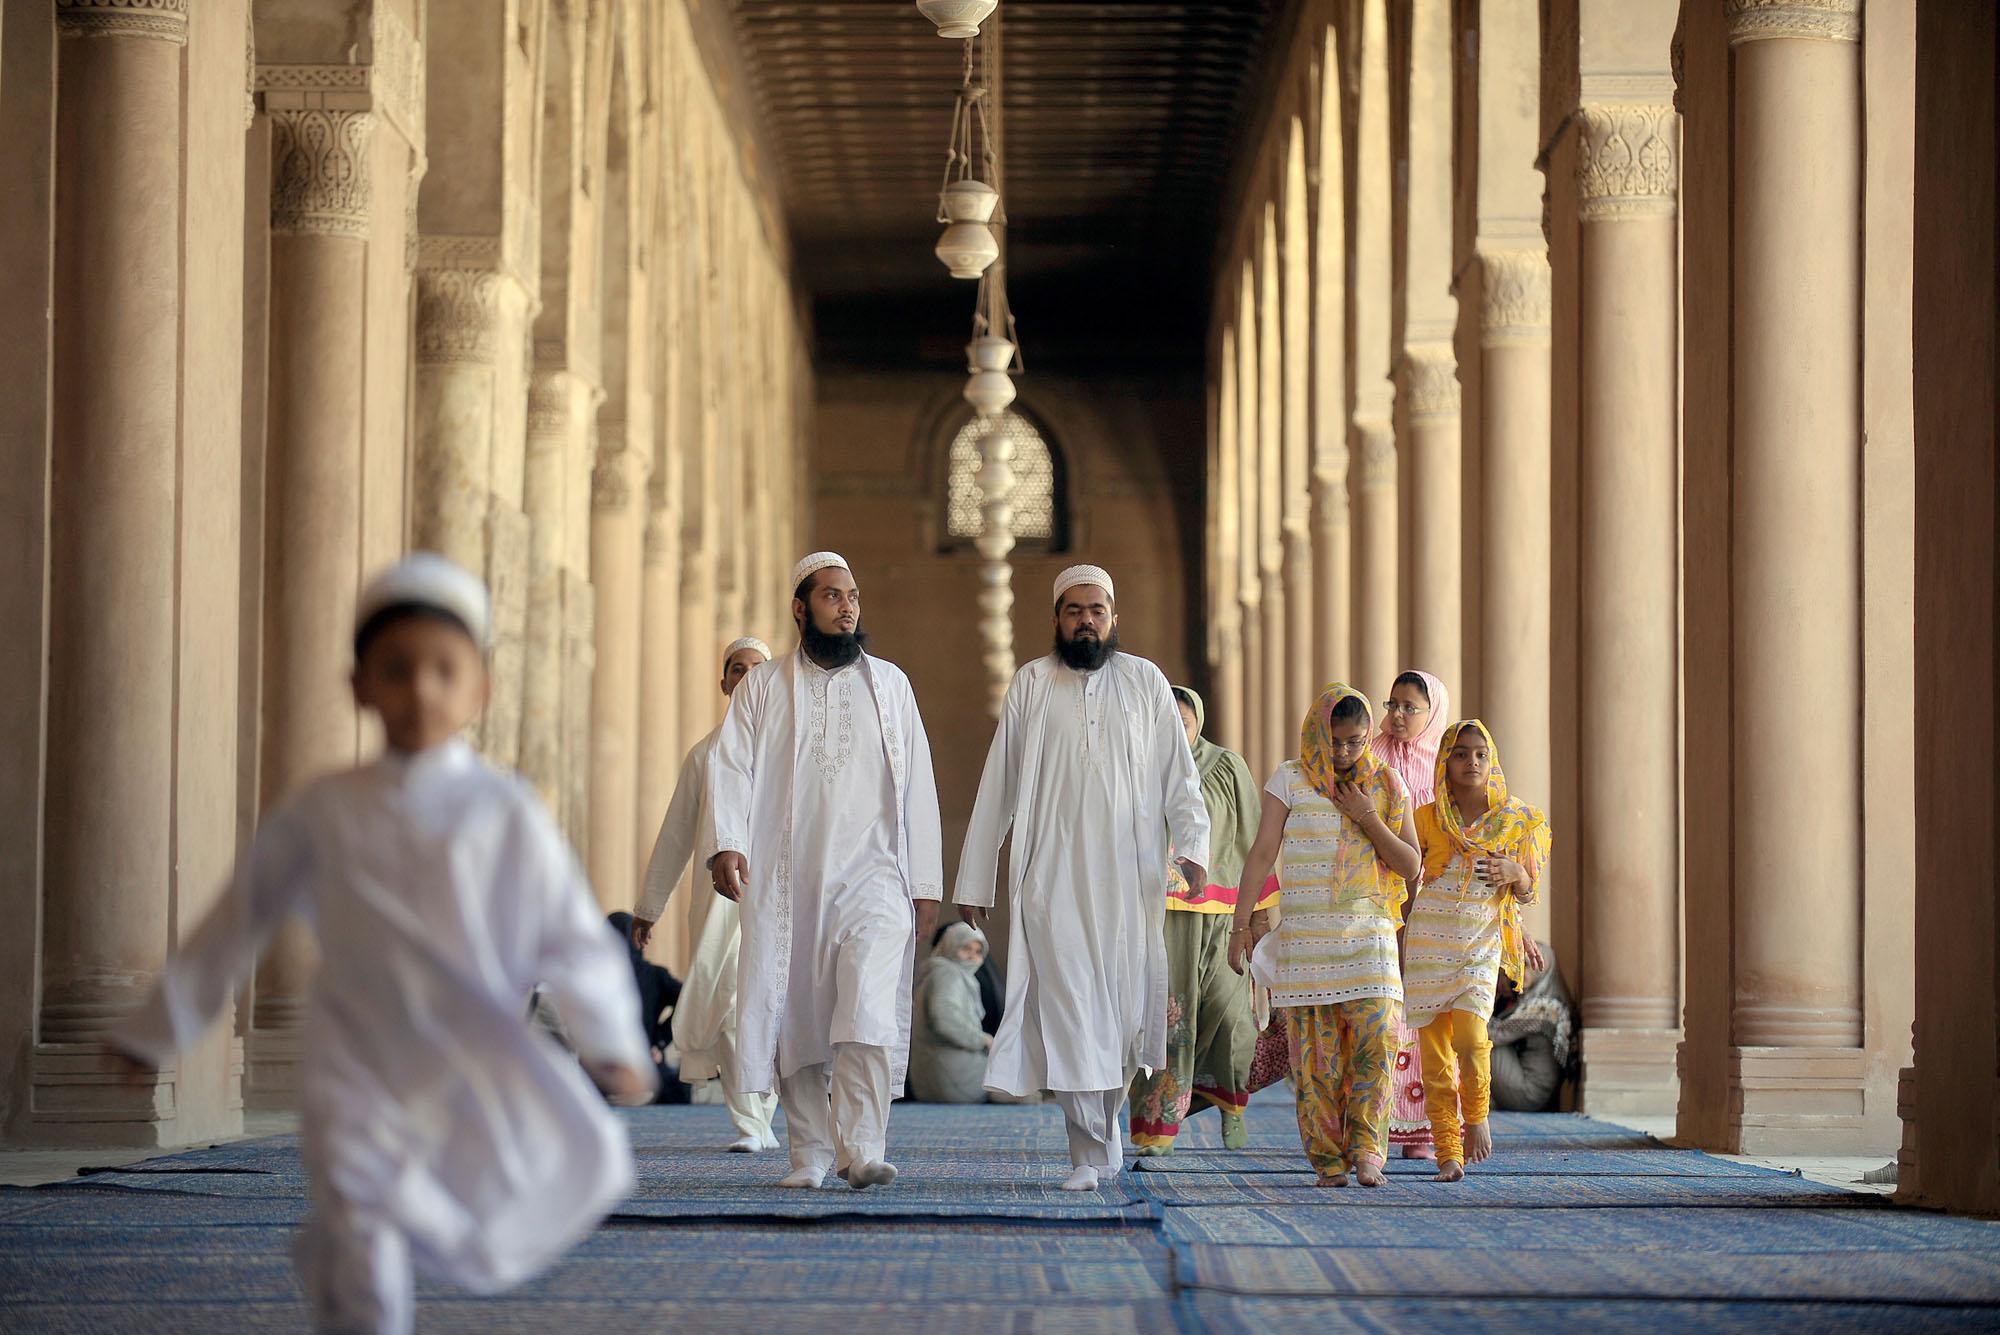 Ahmad Ibn Tulun mosque -  Cairo